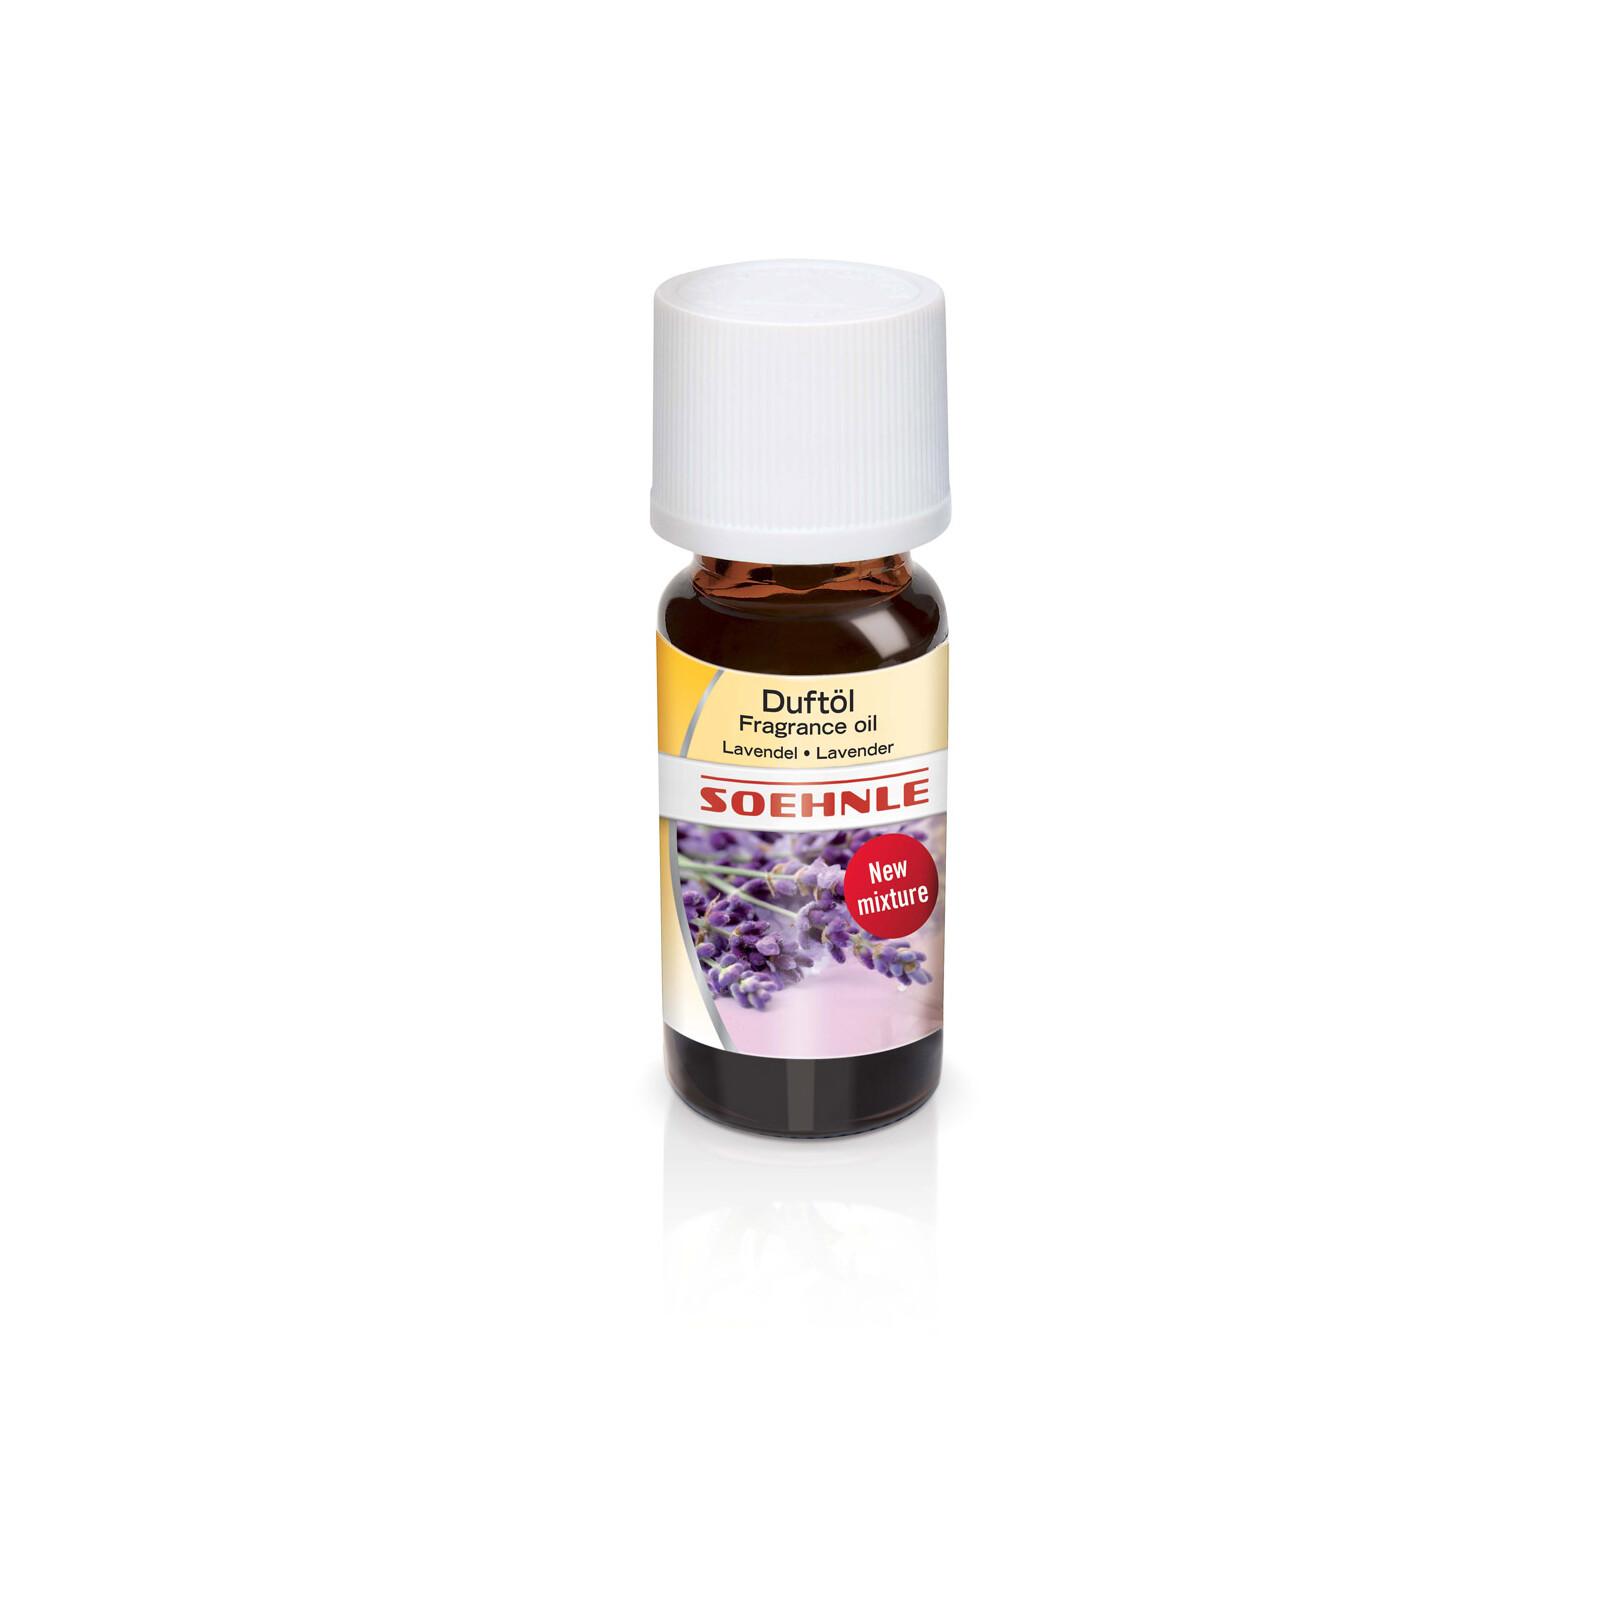 Soehnle fragrance oil Lavendel